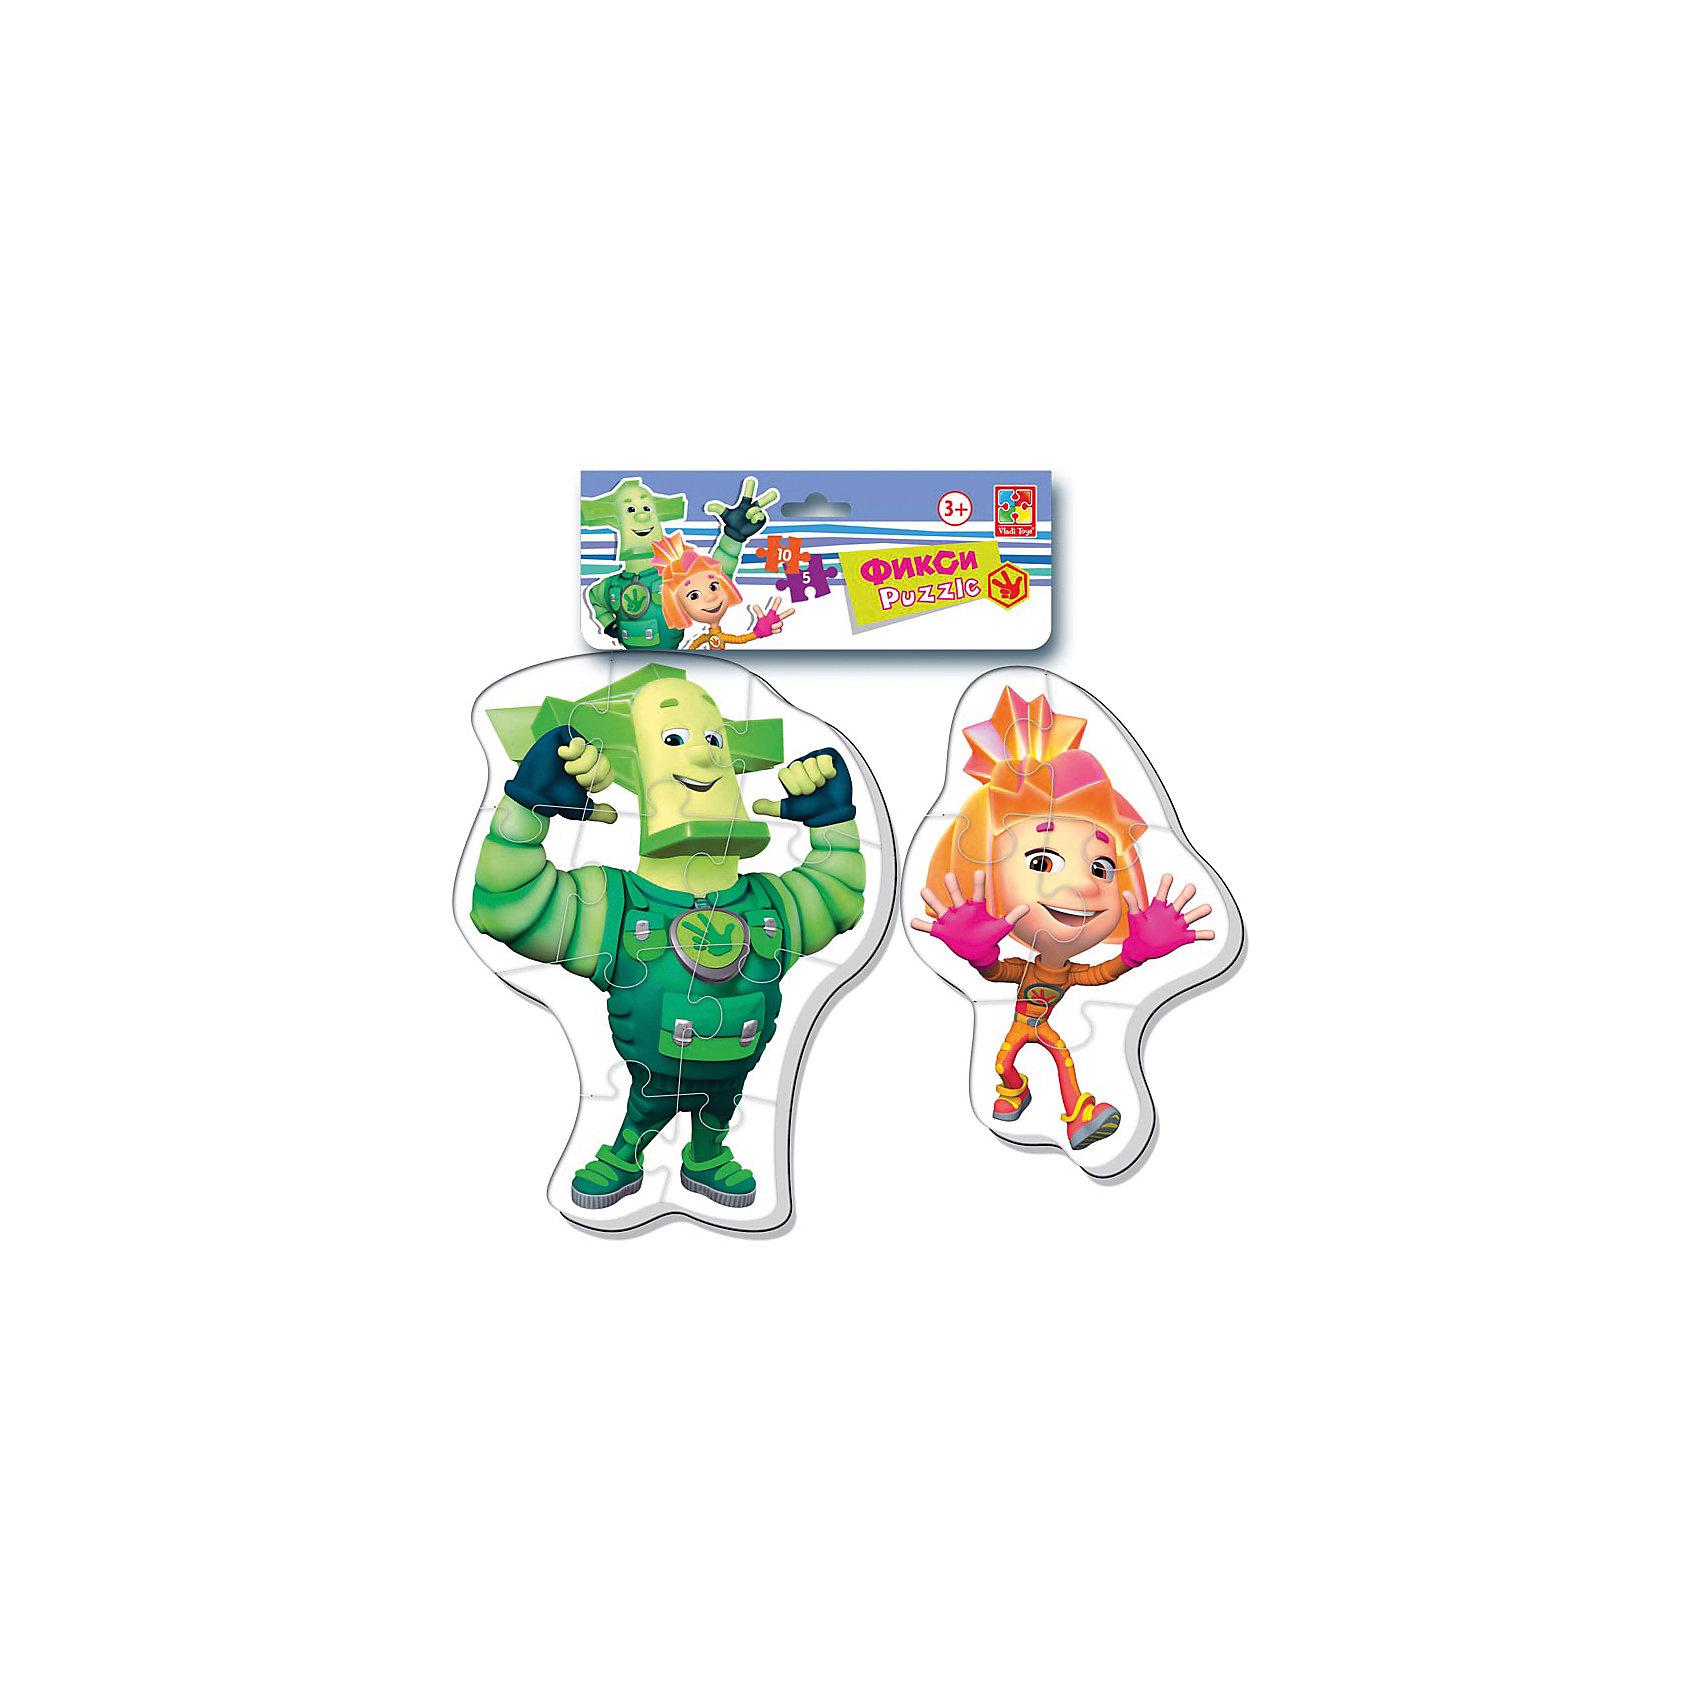 Мягкие макси-пазлы Фиксики, Vladi ToysПопулярные игрушки<br>Характеристики:<br><br>• Вид игр: развивающие<br>• Серия: макси-пазлы <br>• Пол: универсальный<br>• Материал: полимер, картон<br>• Цвет: белый, голубой, розовый и др.<br>• Комплектация: 2 пазла (один из 4 деталей, второй из 8 деталей)<br>• Размеры (Д*Ш*В): 21*1*35 см<br>• Тип упаковки: полиэтиленовый пакет с хедером<br>• Вес: 35 г<br>• Общее количество элементов: 12 шт.<br><br>Мягкие макси-пазлы Фиксики, Vladi Toys, производителем которых является компания, специализирующаяся на выпуске развивающих игр, давно уже стали популярными среди аналогичной продукции. Мягкие пазлы – идеальное решение для развивающих занятий с самыми маленькими детьми, так как они разделены на большие элементы с крупными изображениями, чаще всего в качестве картинок используются герои популярных мультсериалов. Самое важное в пазле для малышей – это минимум деталей и безопасность элементов. Все используемые в производстве материалы являются экологически безопасными, не вызывают аллергии, не имеют запаха. Набор макси-пазлов Фиксики, Vladi Toys состоит из 12-ти элементов, из которых можно собрать две картинки с изображениями Маси и Нолика из мультфильма Фиксики. <br>Занятия с мягкими макси-пазлами Фиксики, Vladi Toys способствуют развитию не только мелкой моторики, но и внимательности, усидчивости, терпению при достижении цели. <br><br>Мягкие макси-пазлы Фиксики, Vladi Toys можно купить в нашем интернет-магазине.<br><br>Ширина мм: 210<br>Глубина мм: 10<br>Высота мм: 350<br>Вес г: 35<br>Возраст от месяцев: 24<br>Возраст до месяцев: 60<br>Пол: Унисекс<br>Возраст: Детский<br>SKU: 5136066